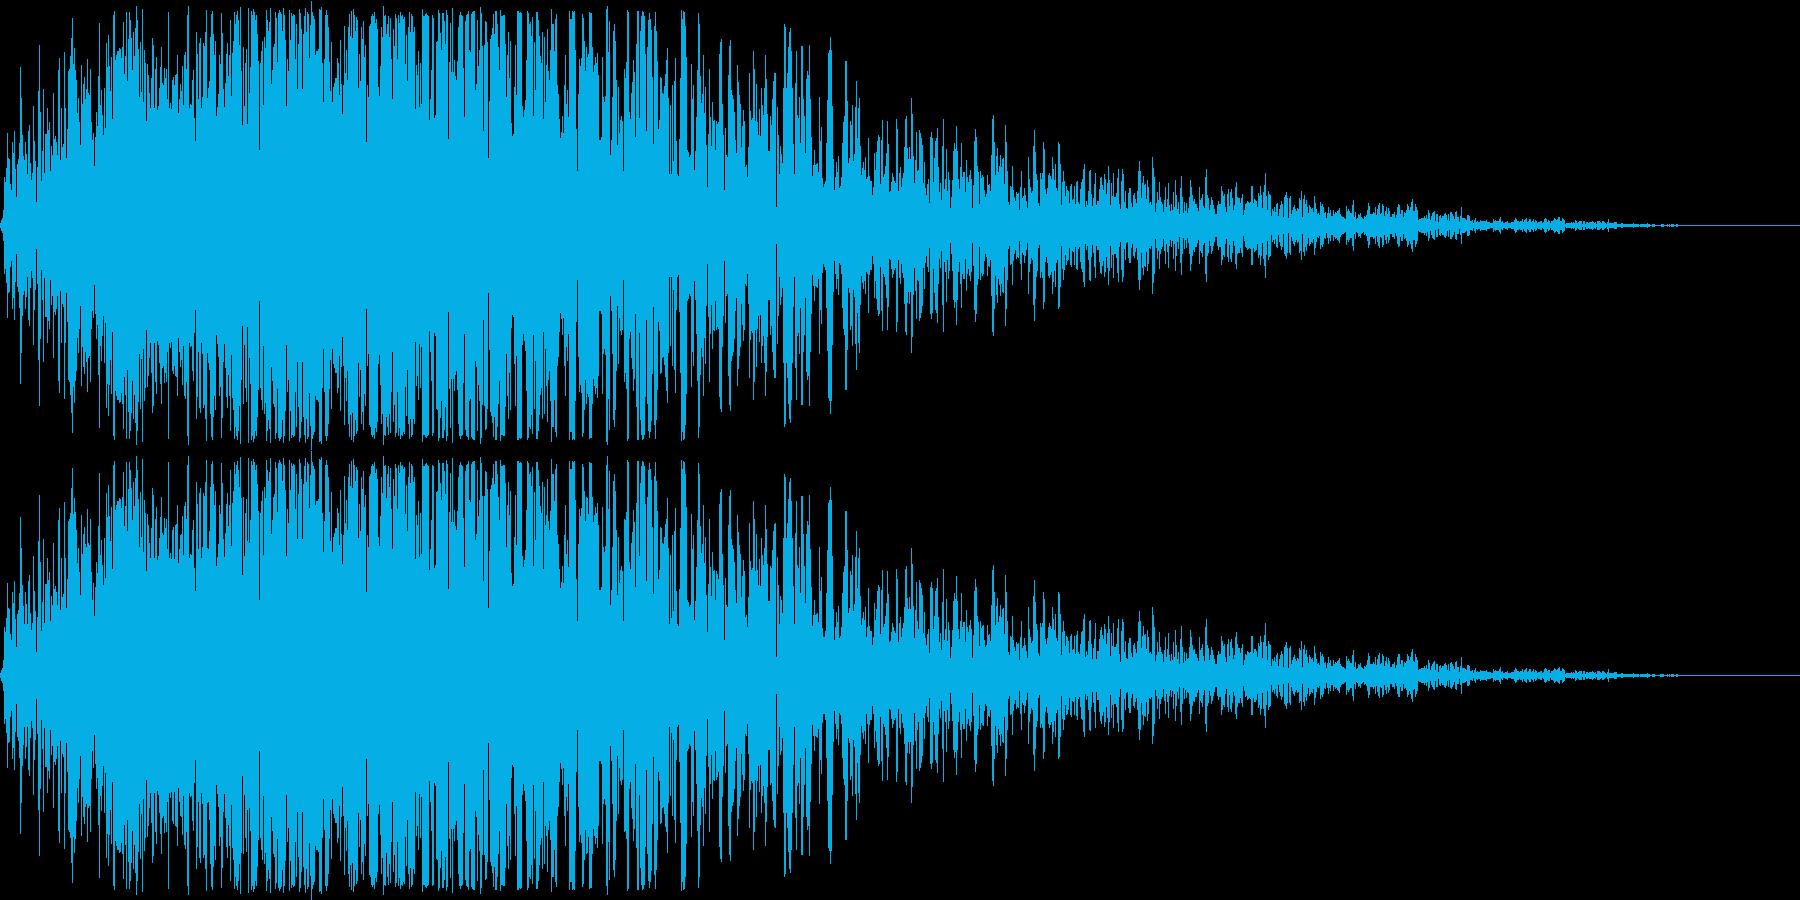 ゲームで使われそうな地響きのような低音…の再生済みの波形